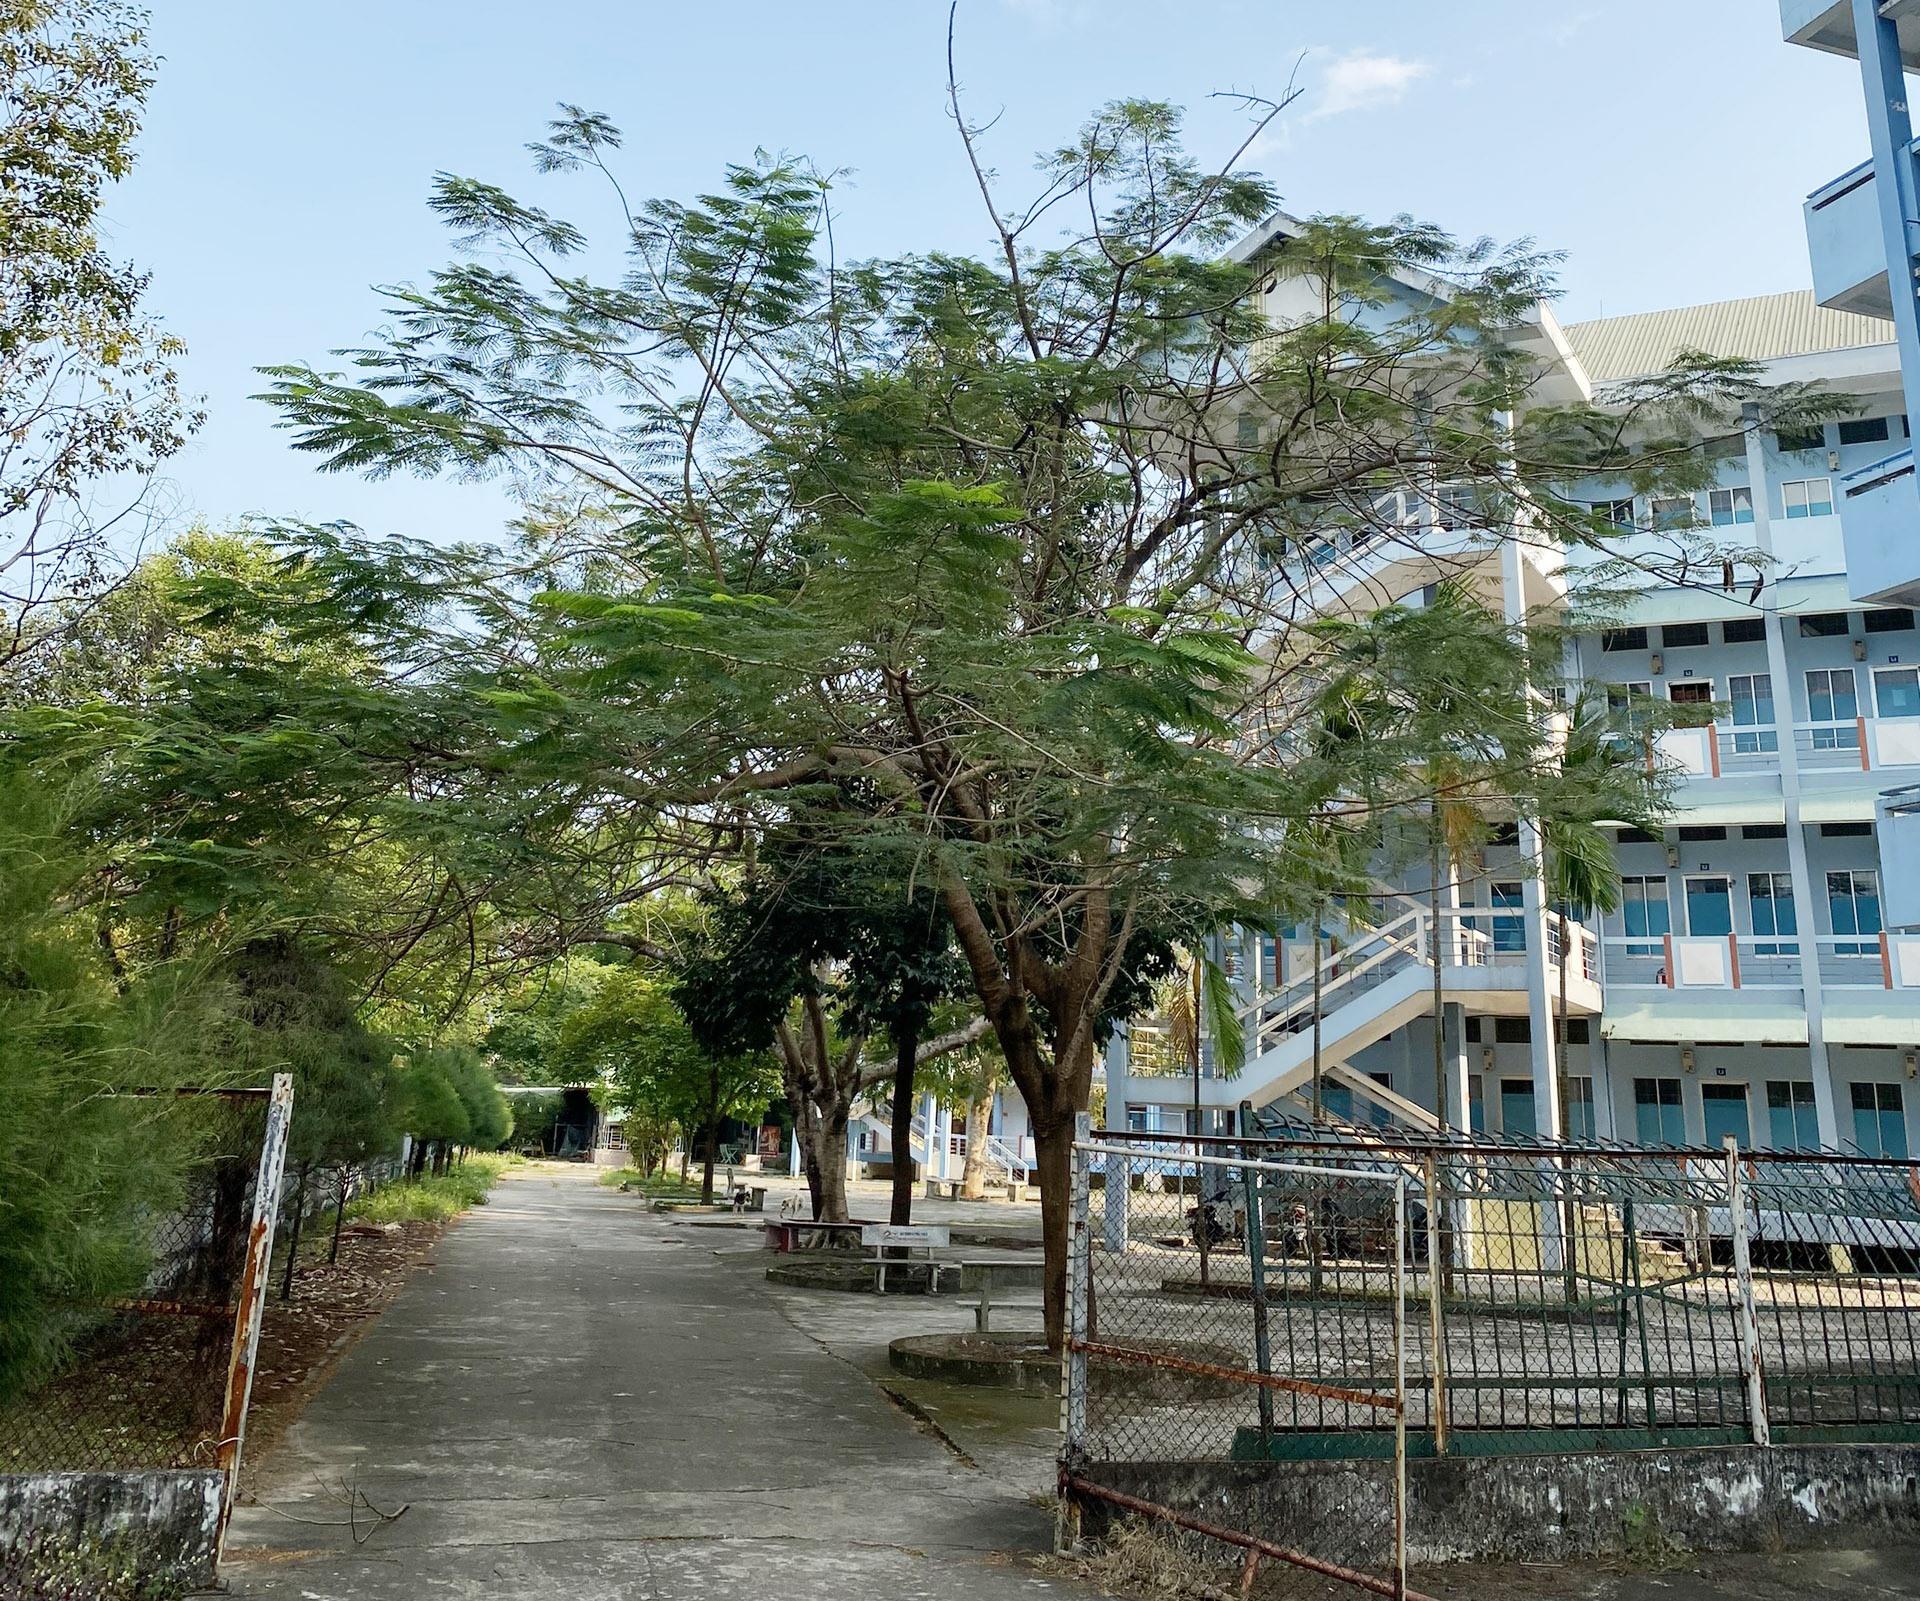 Khu ký túc xá Trường Đại học Quảng Nam. Ảnh: D.L